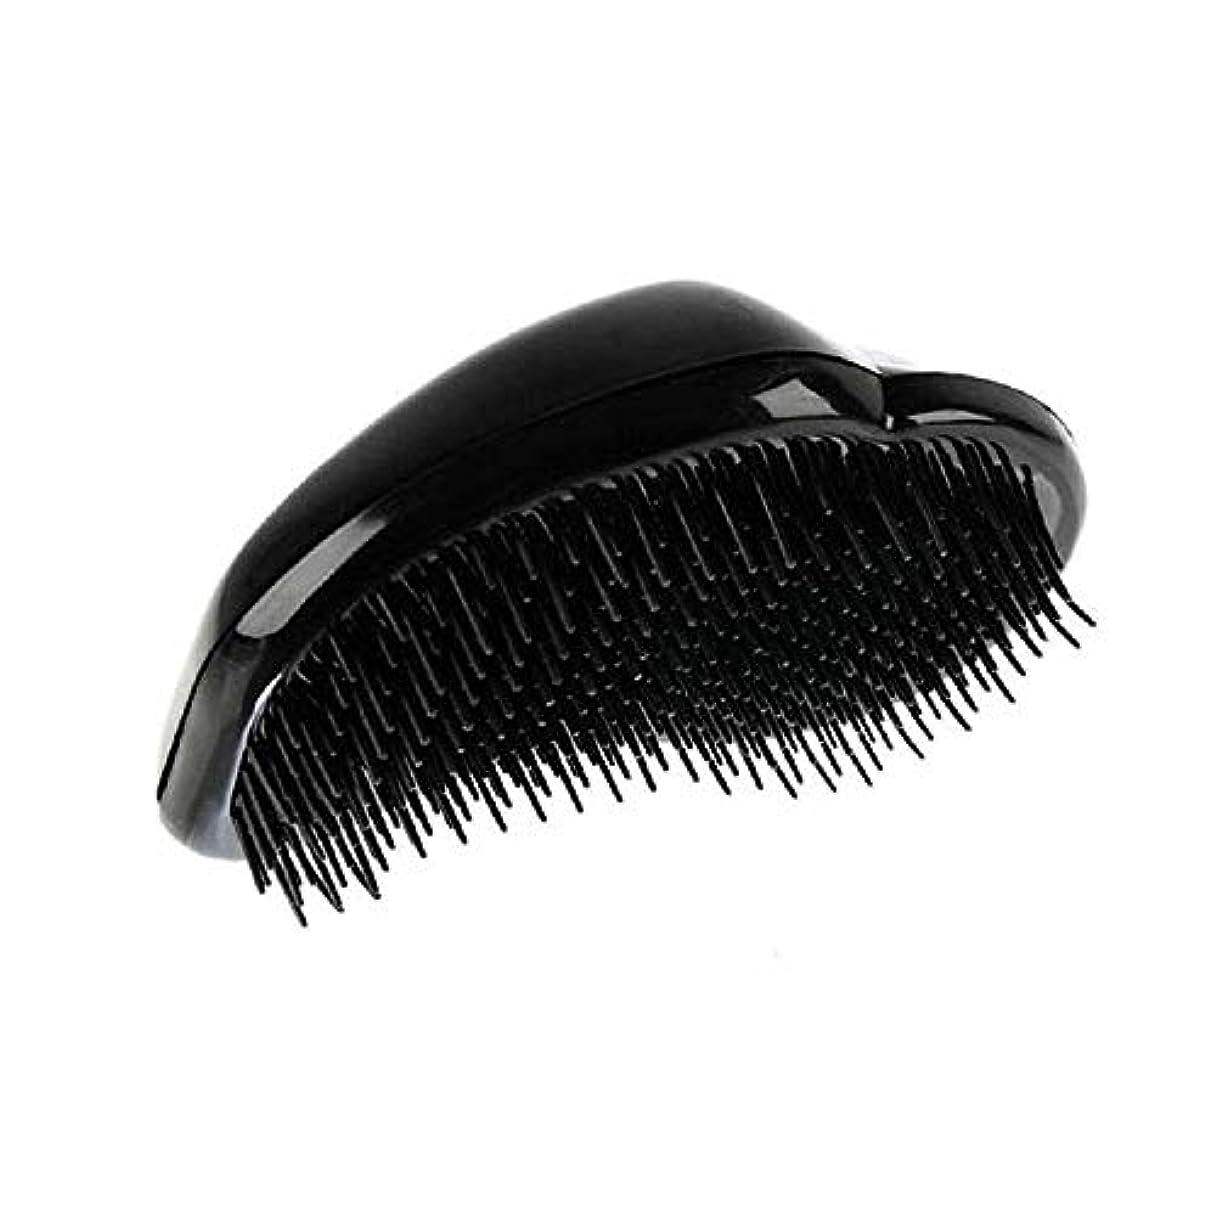 1st market 黒のプラスチック製の髪の櫛理髪の櫛の女性のエアバッグの櫛のマッサージの櫛のヘアブラシ帯電防止デタングルの櫛パーフェクト軽量ポケットサイズ1ピース耐久性と便利